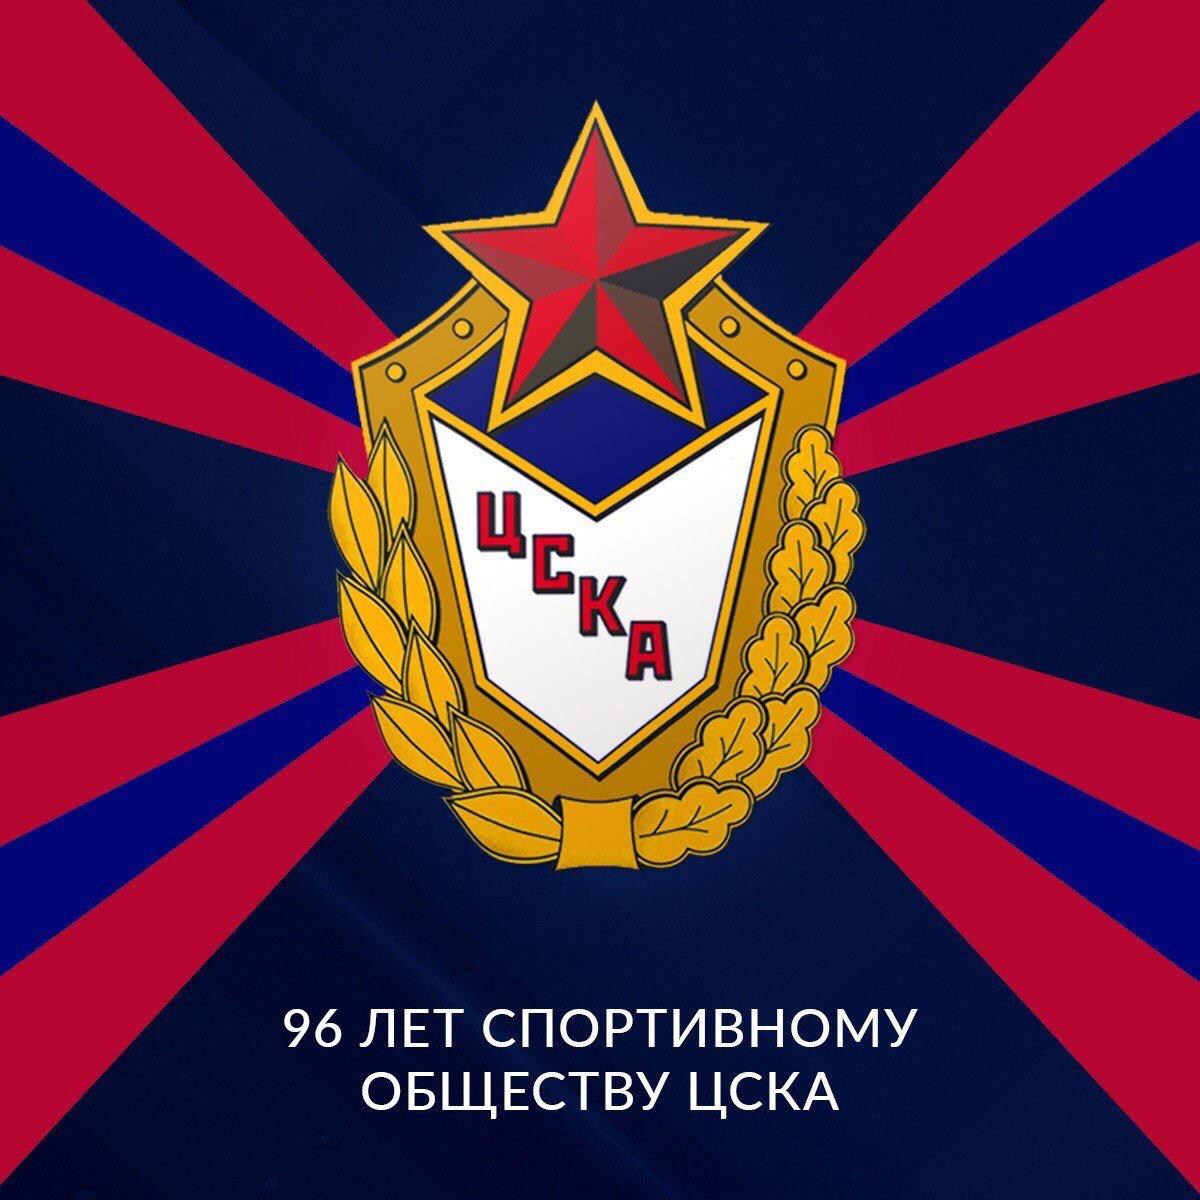 центральный клуб армии москва